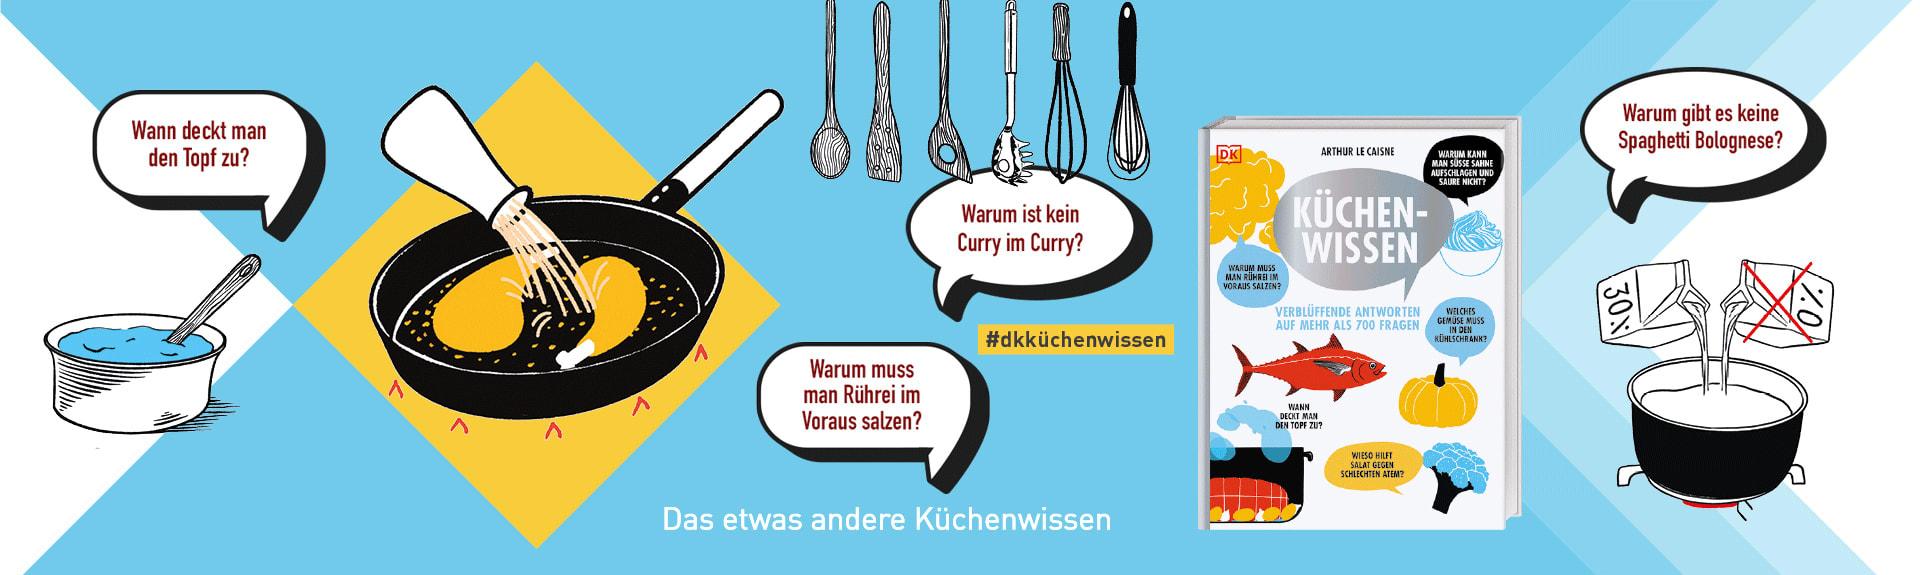 H20 - Küchenwissen